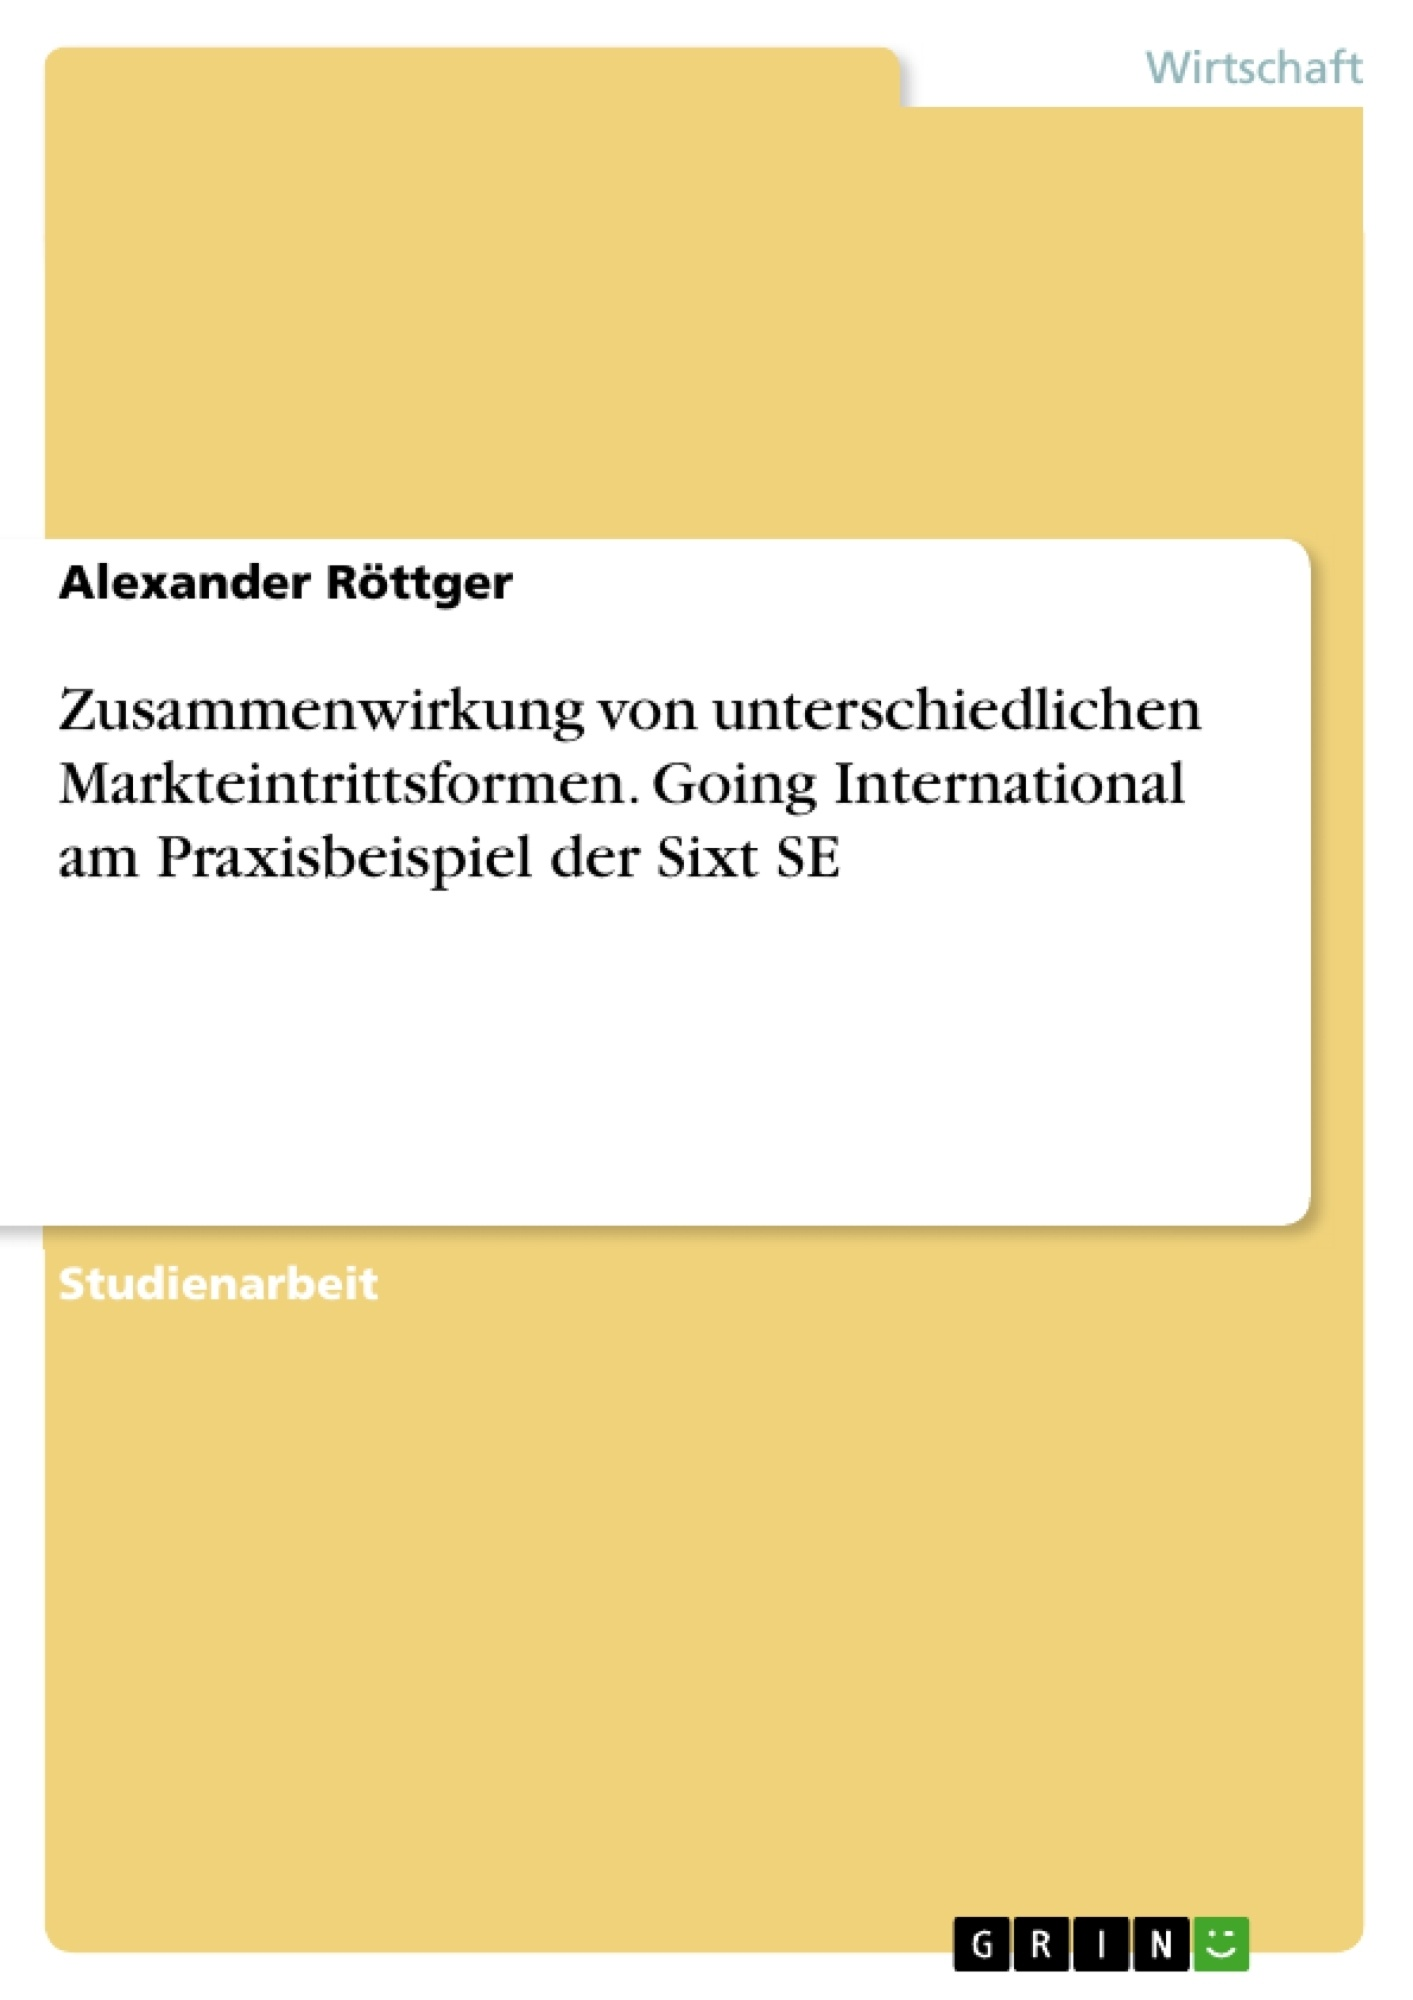 Titel: Zusammenwirkung von unterschiedlichen Markteintrittsformen. Going International am Praxisbeispiel der Sixt SE